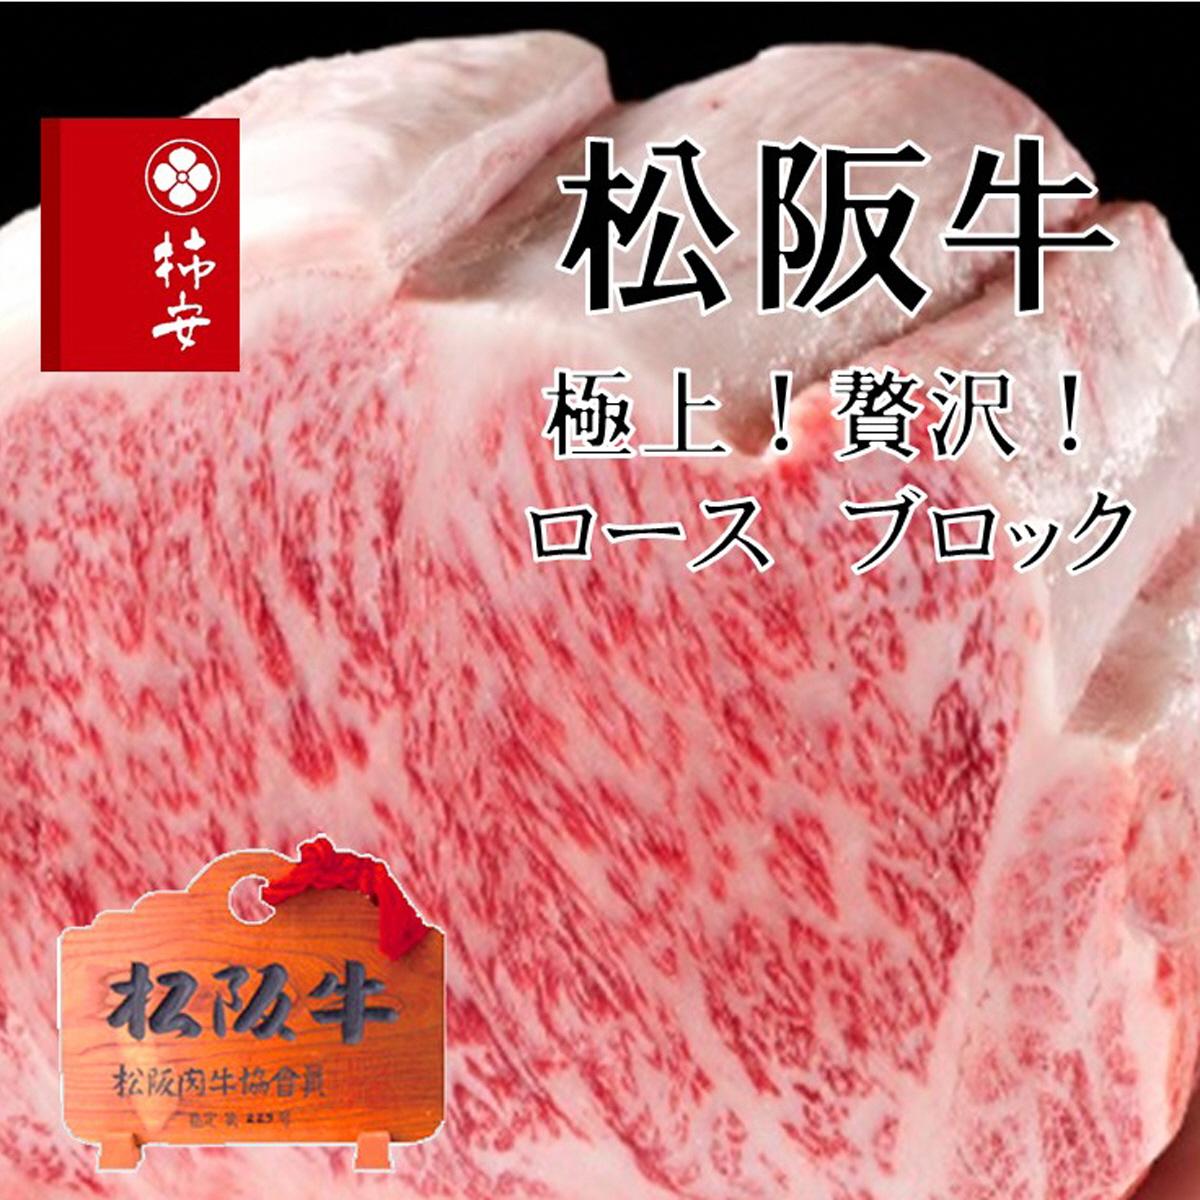 【ふるさと納税】 柿安本店 松阪牛ロースブロック400g